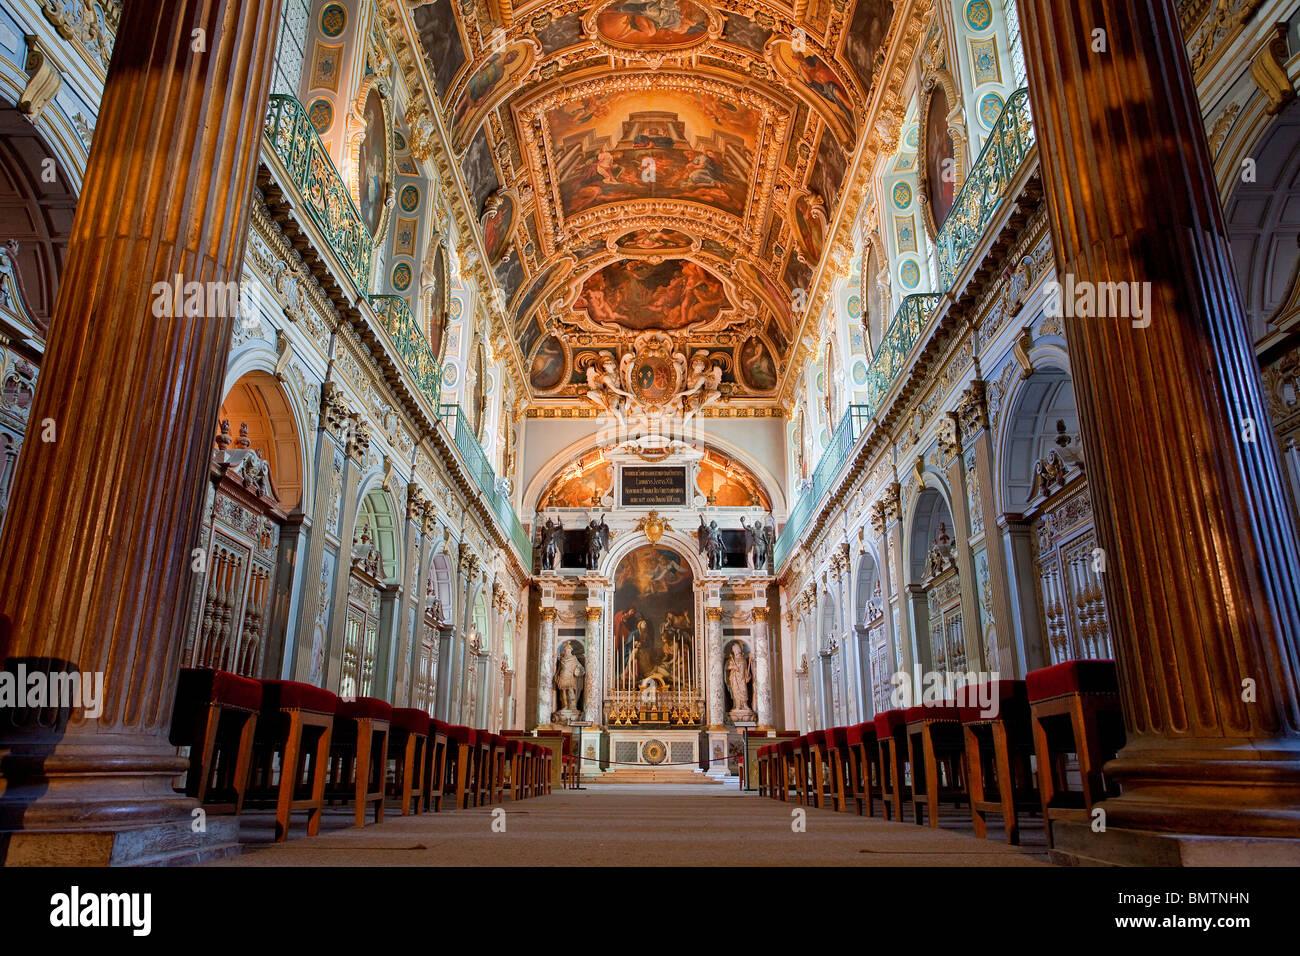 FRANCE, FONTAINEBLEAU CASTLE, Chapelle de la Trinite (Trinity Chapel) - Stock Image